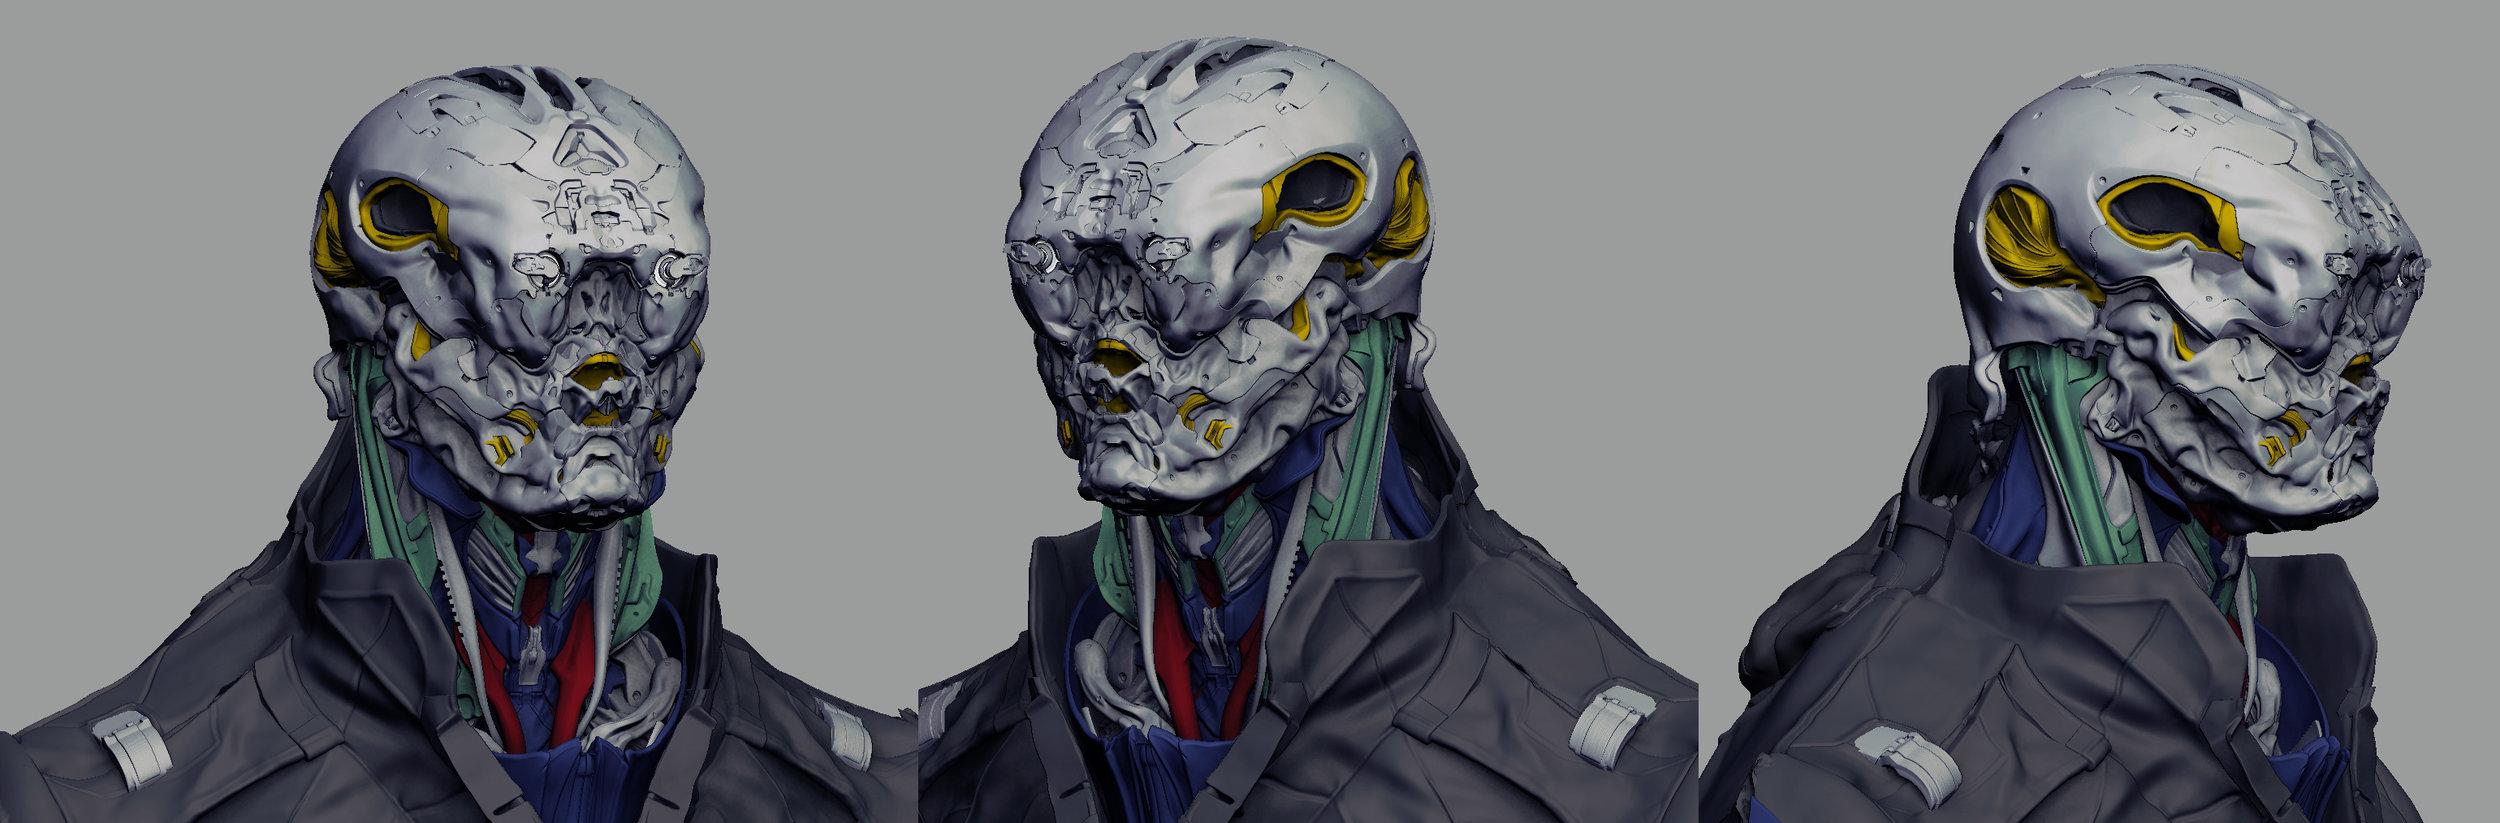 Skullit_02.jpg